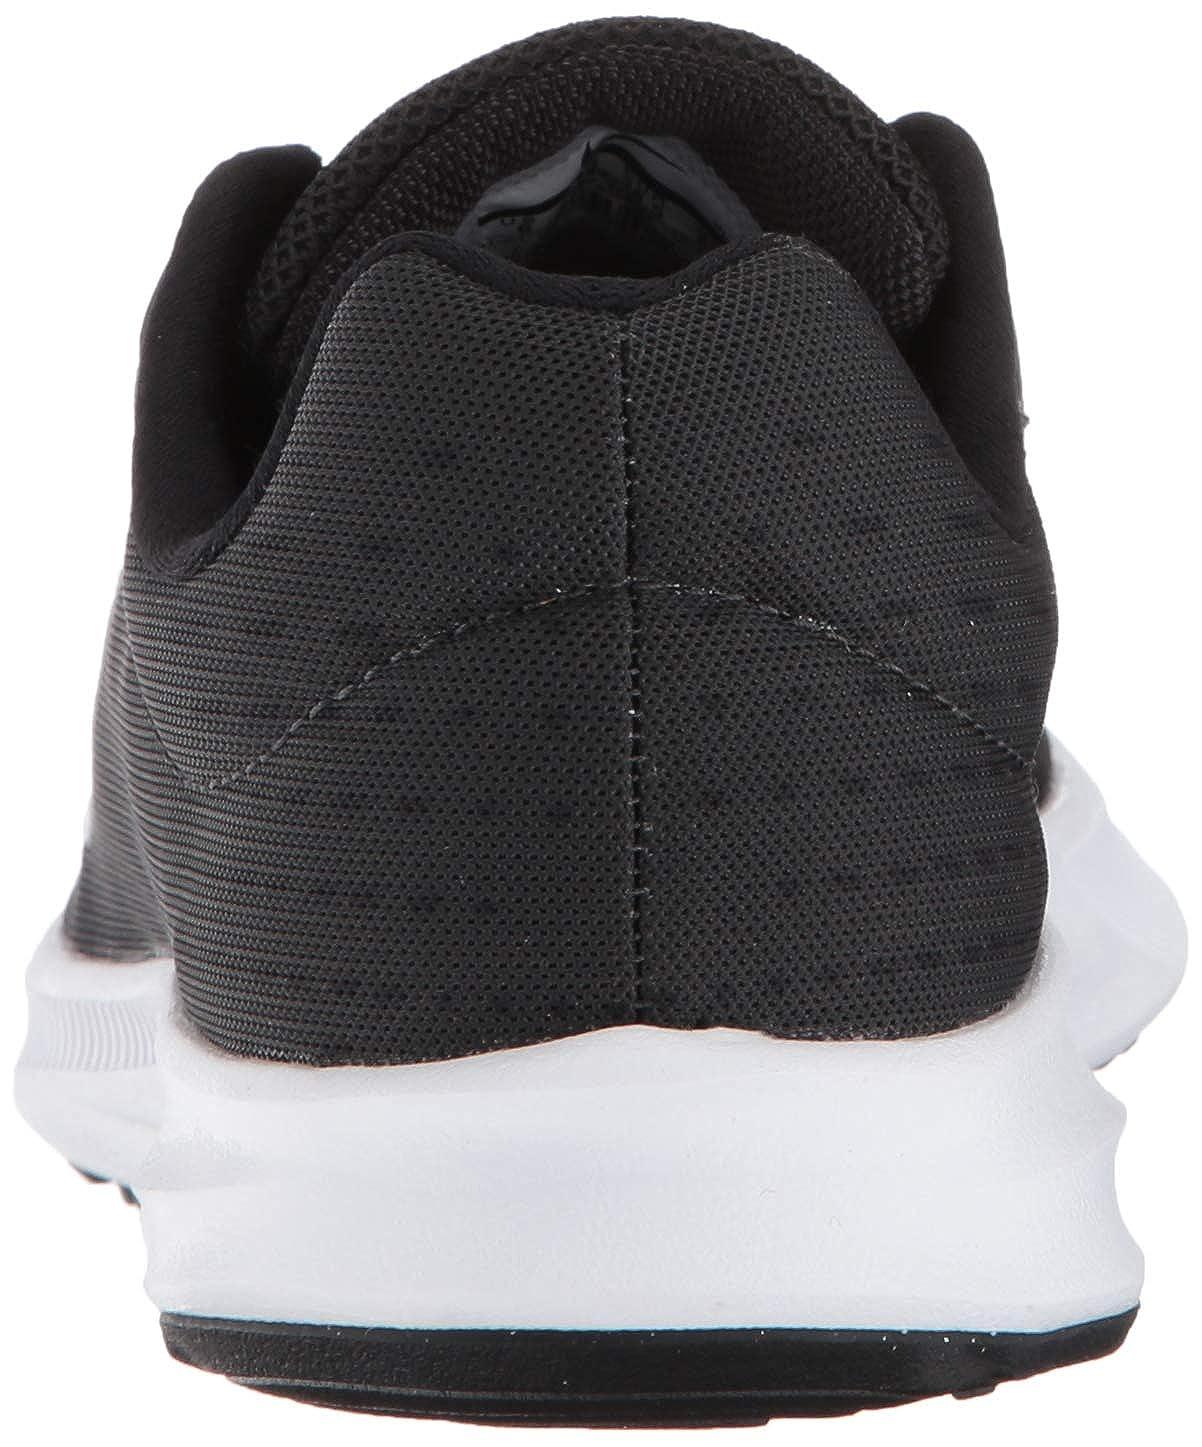 Nike Herren Downshifter Downshifter Downshifter 8 Laufschuhe B075ZY2Q14  fafdbc